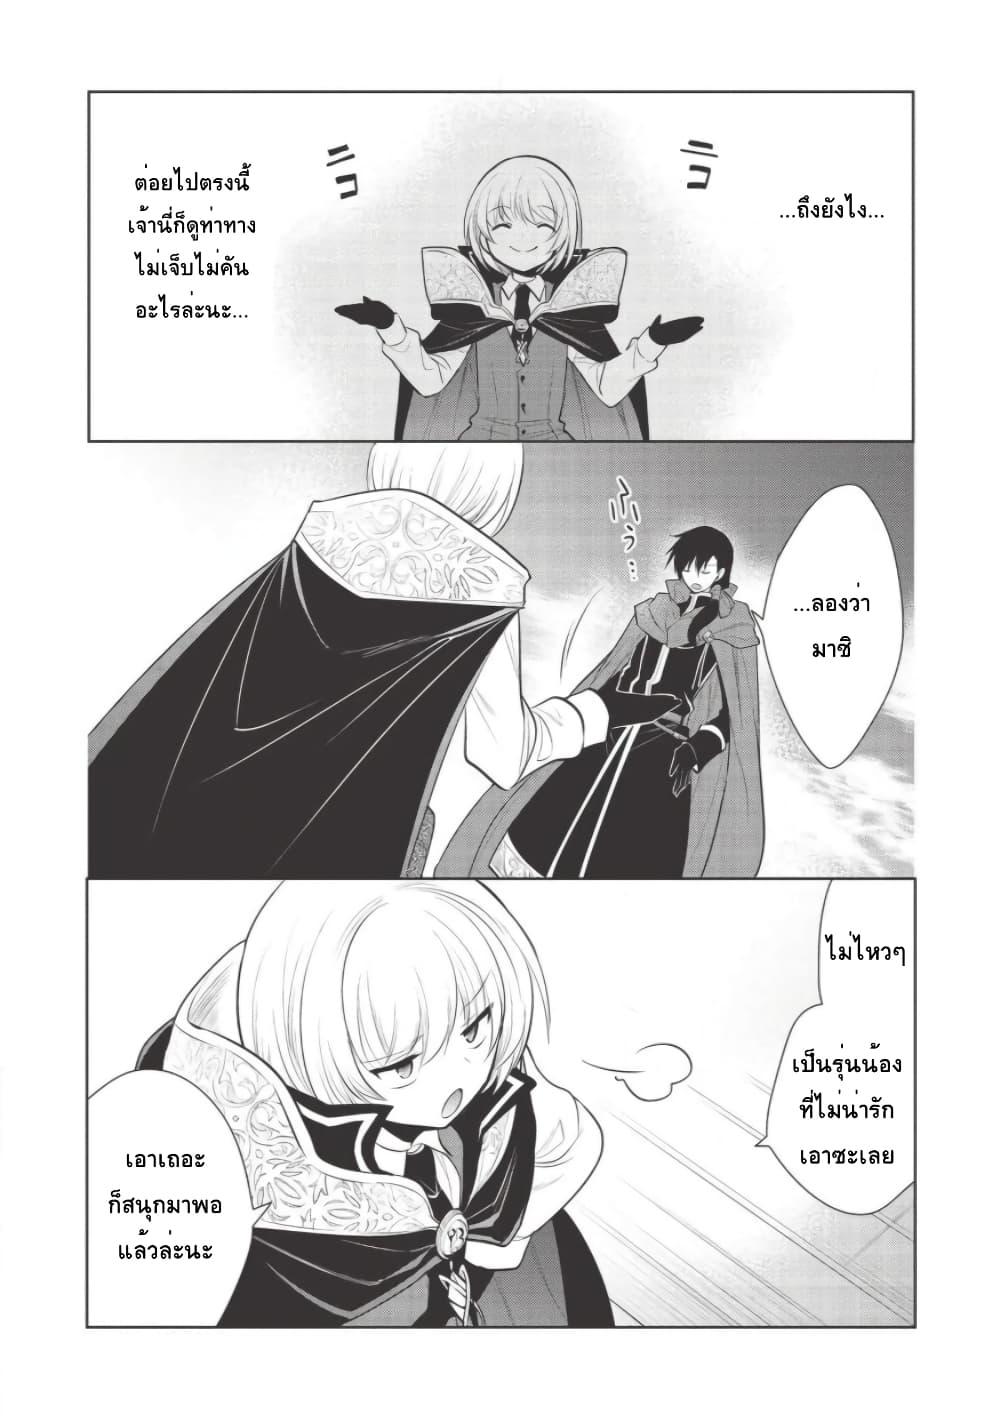 อ่านการ์ตูน Maou no Ore ga Dorei Elf wo Yome ni Shitanda ga Dou Medereba Ii ตอนที่ 30 หน้าที่ 20